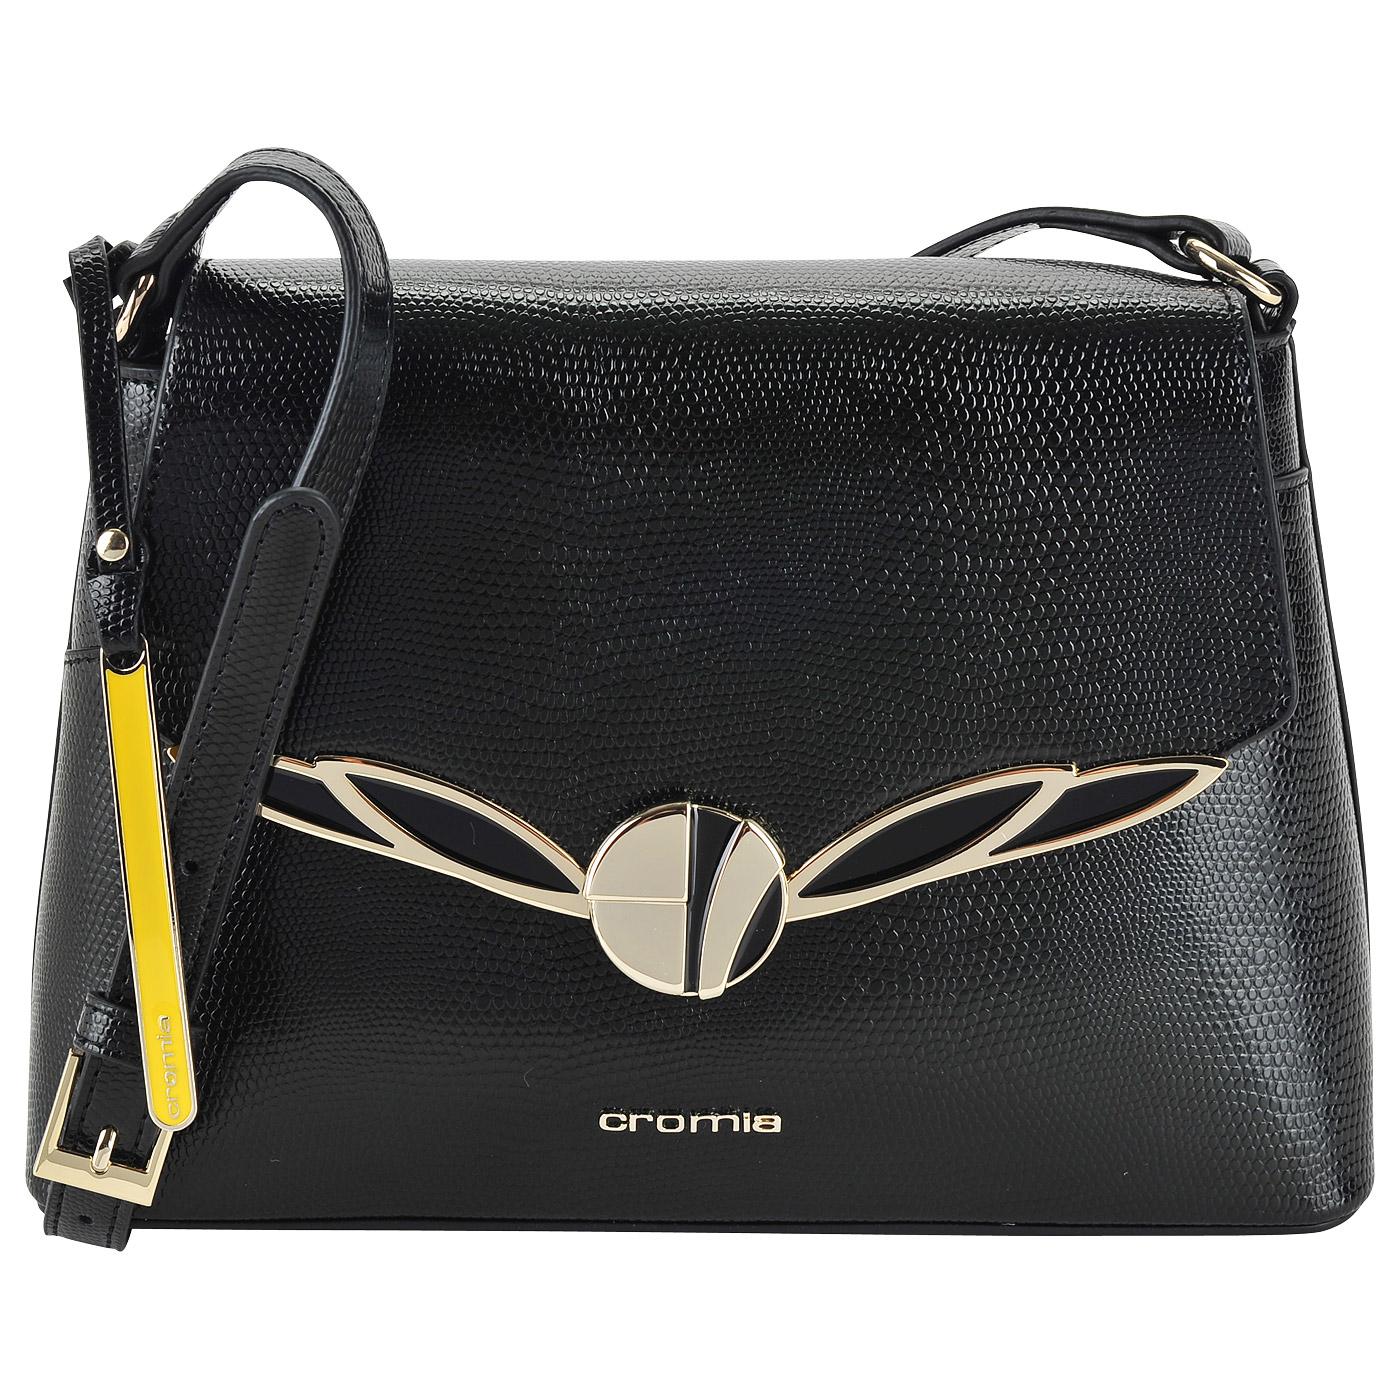 2fa748bee581 ... Женская кожаная сумка кросс-боди с выделкой под рептилию Cromia  Starlight ...